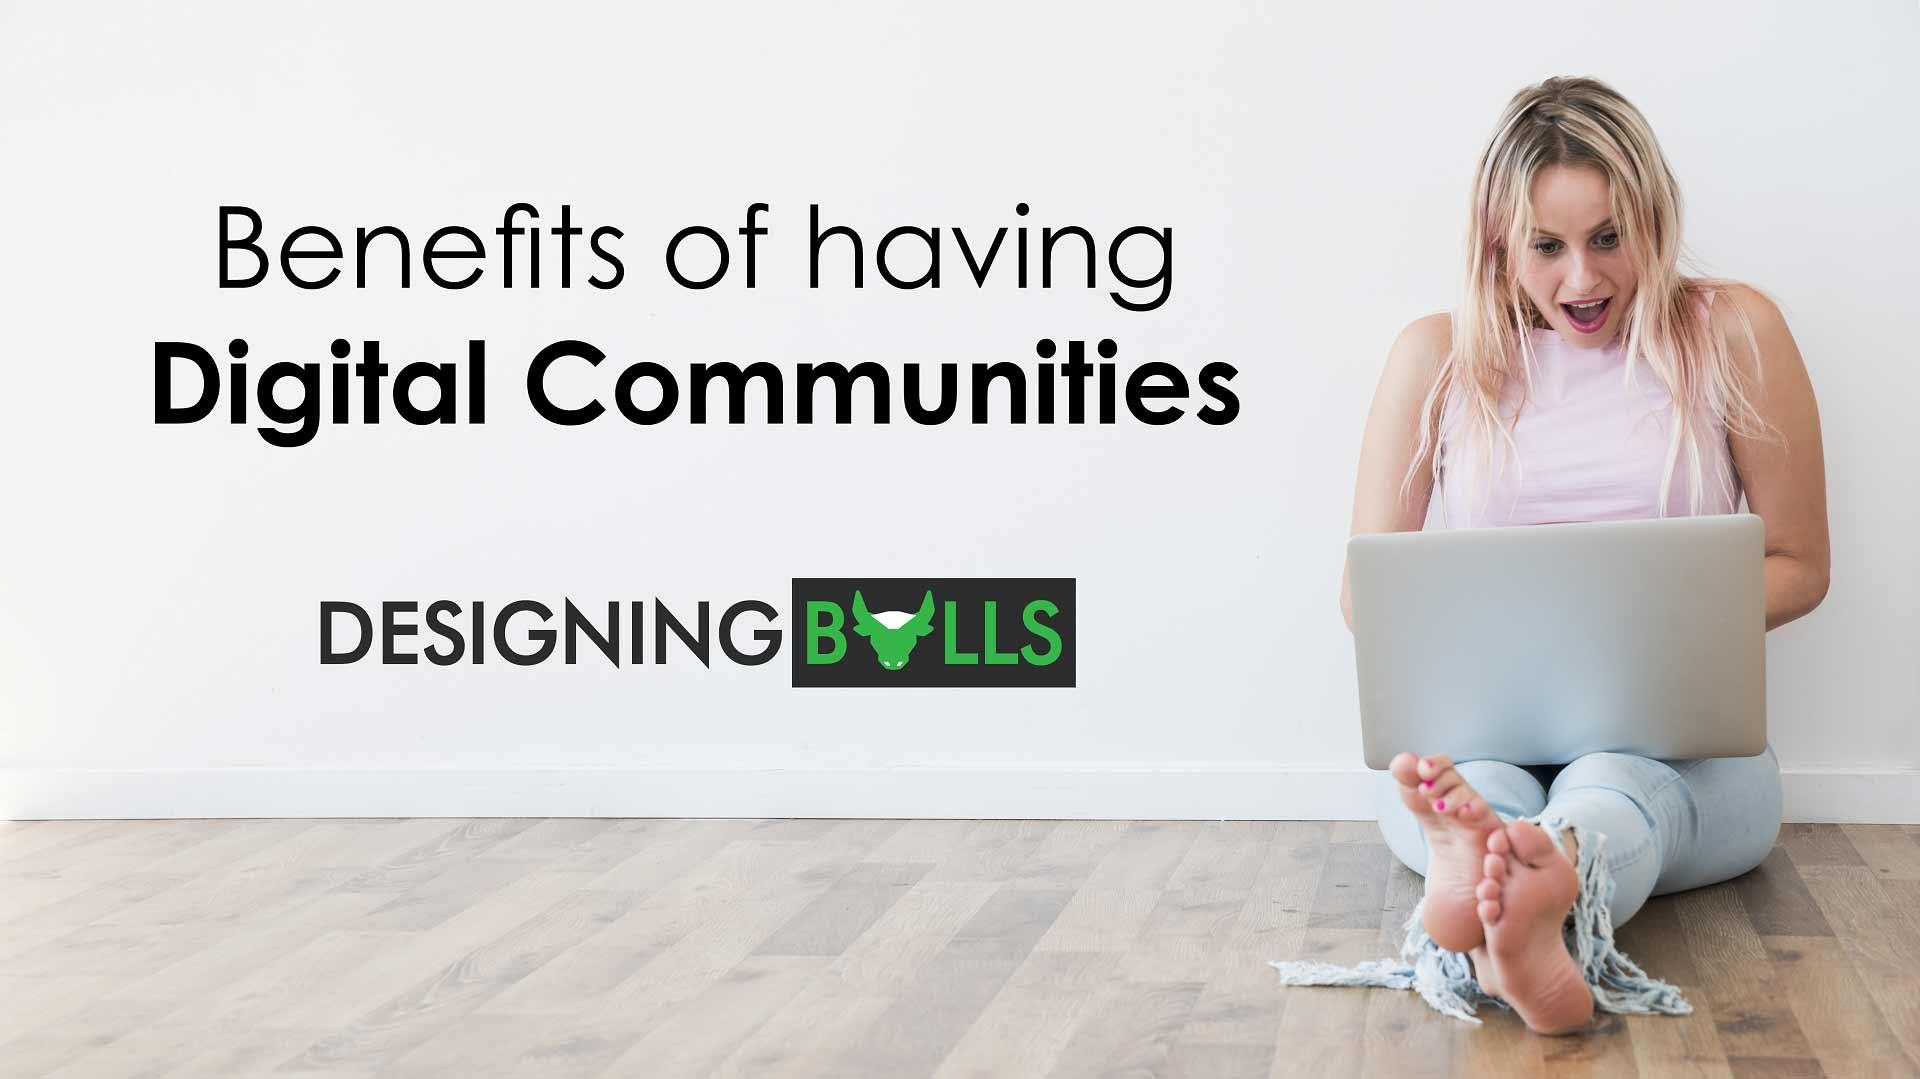 Benefits of having Digital Communities!